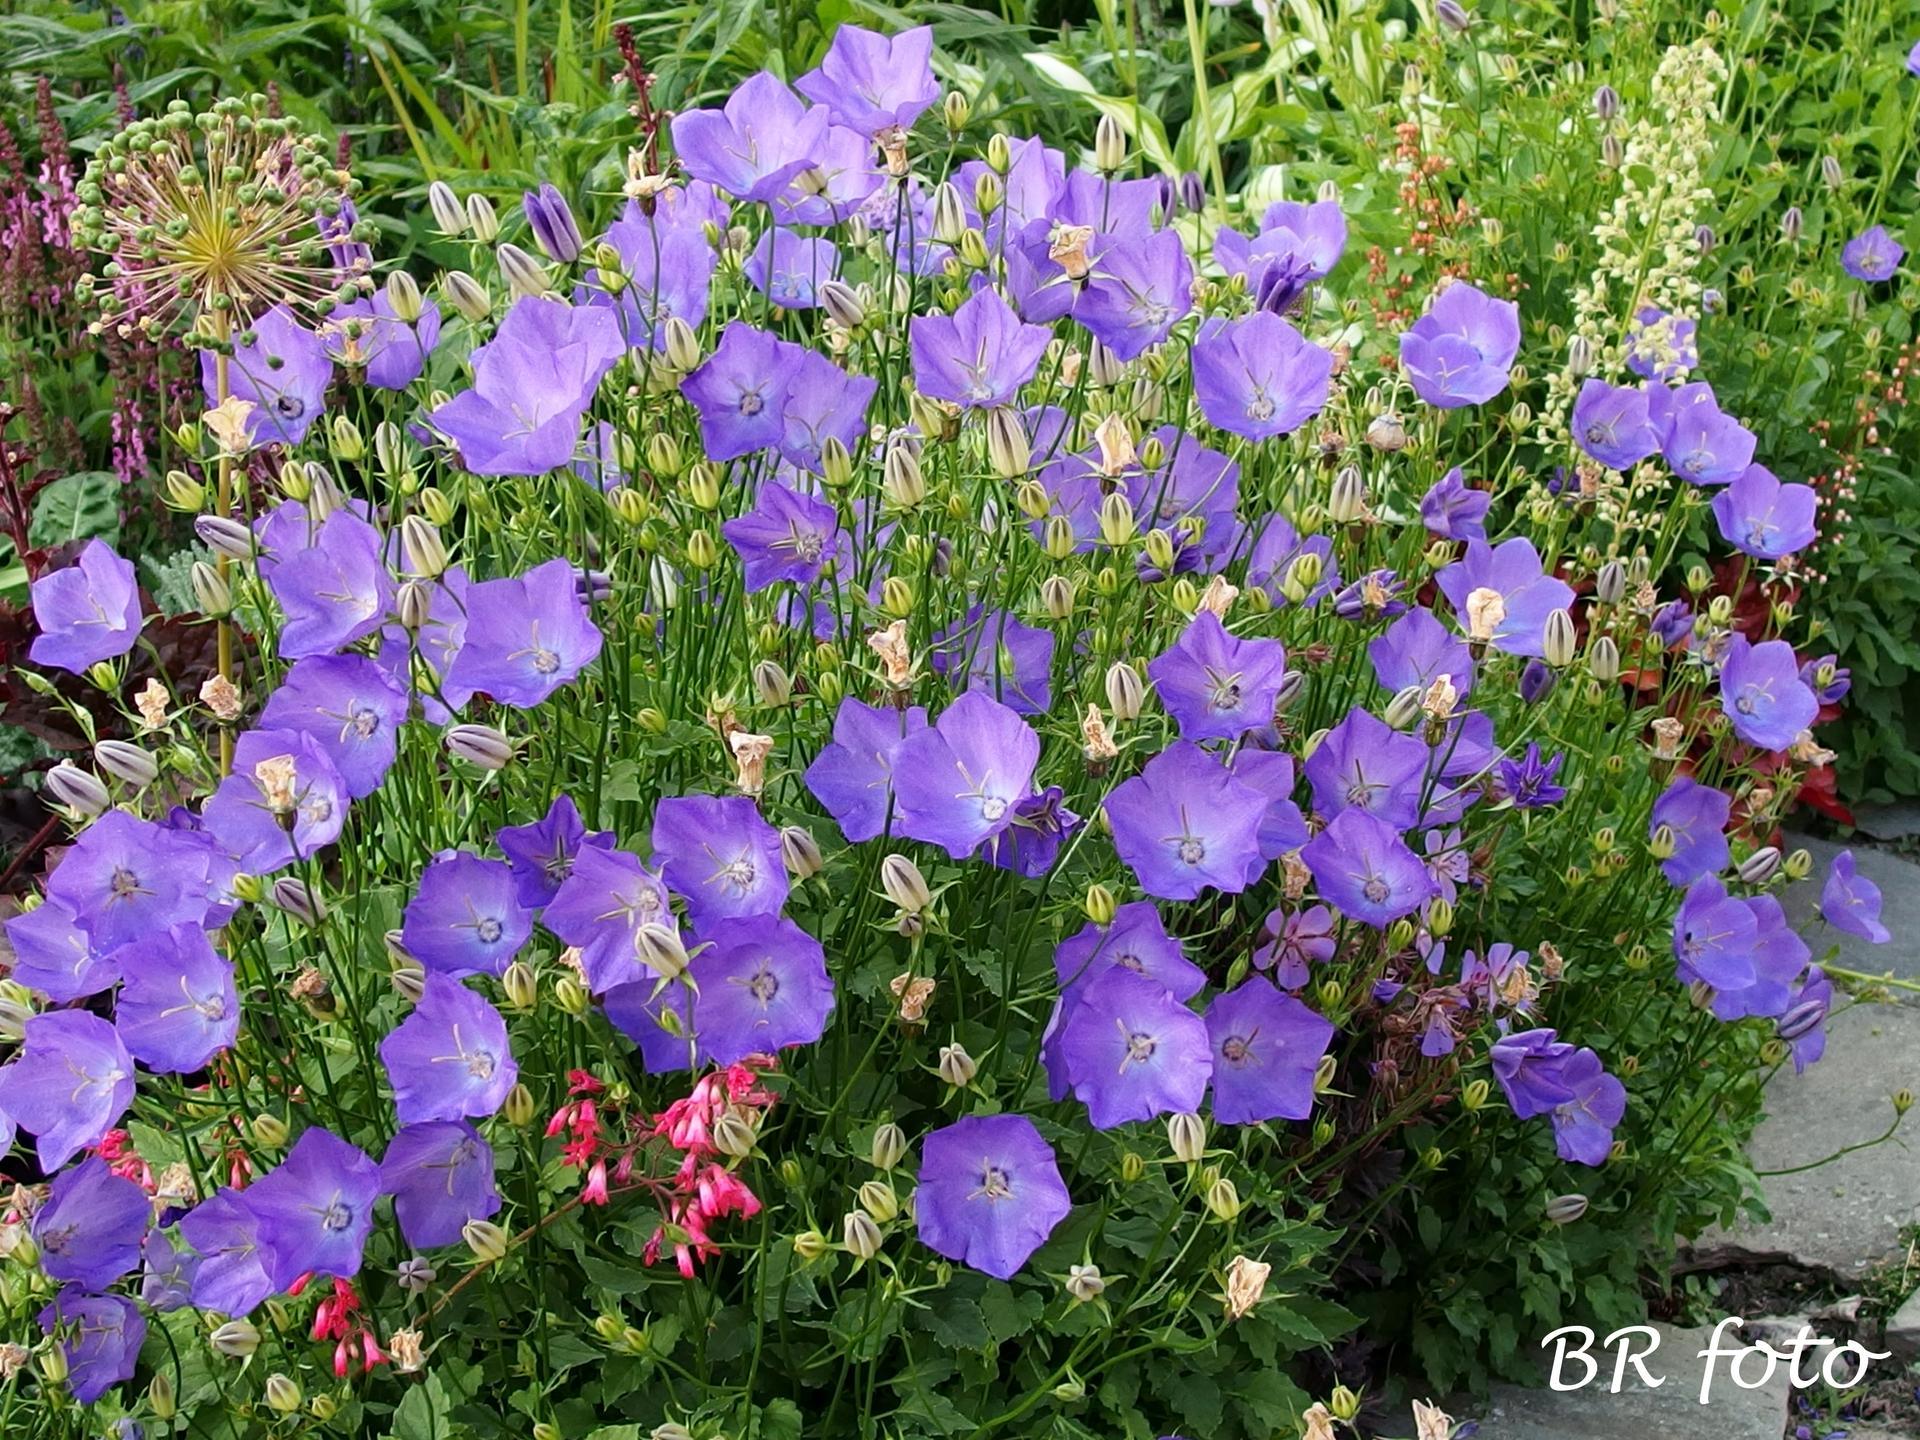 Zahrada v červnu - vše roste a kvete jako o život.... - Obrázek č. 18